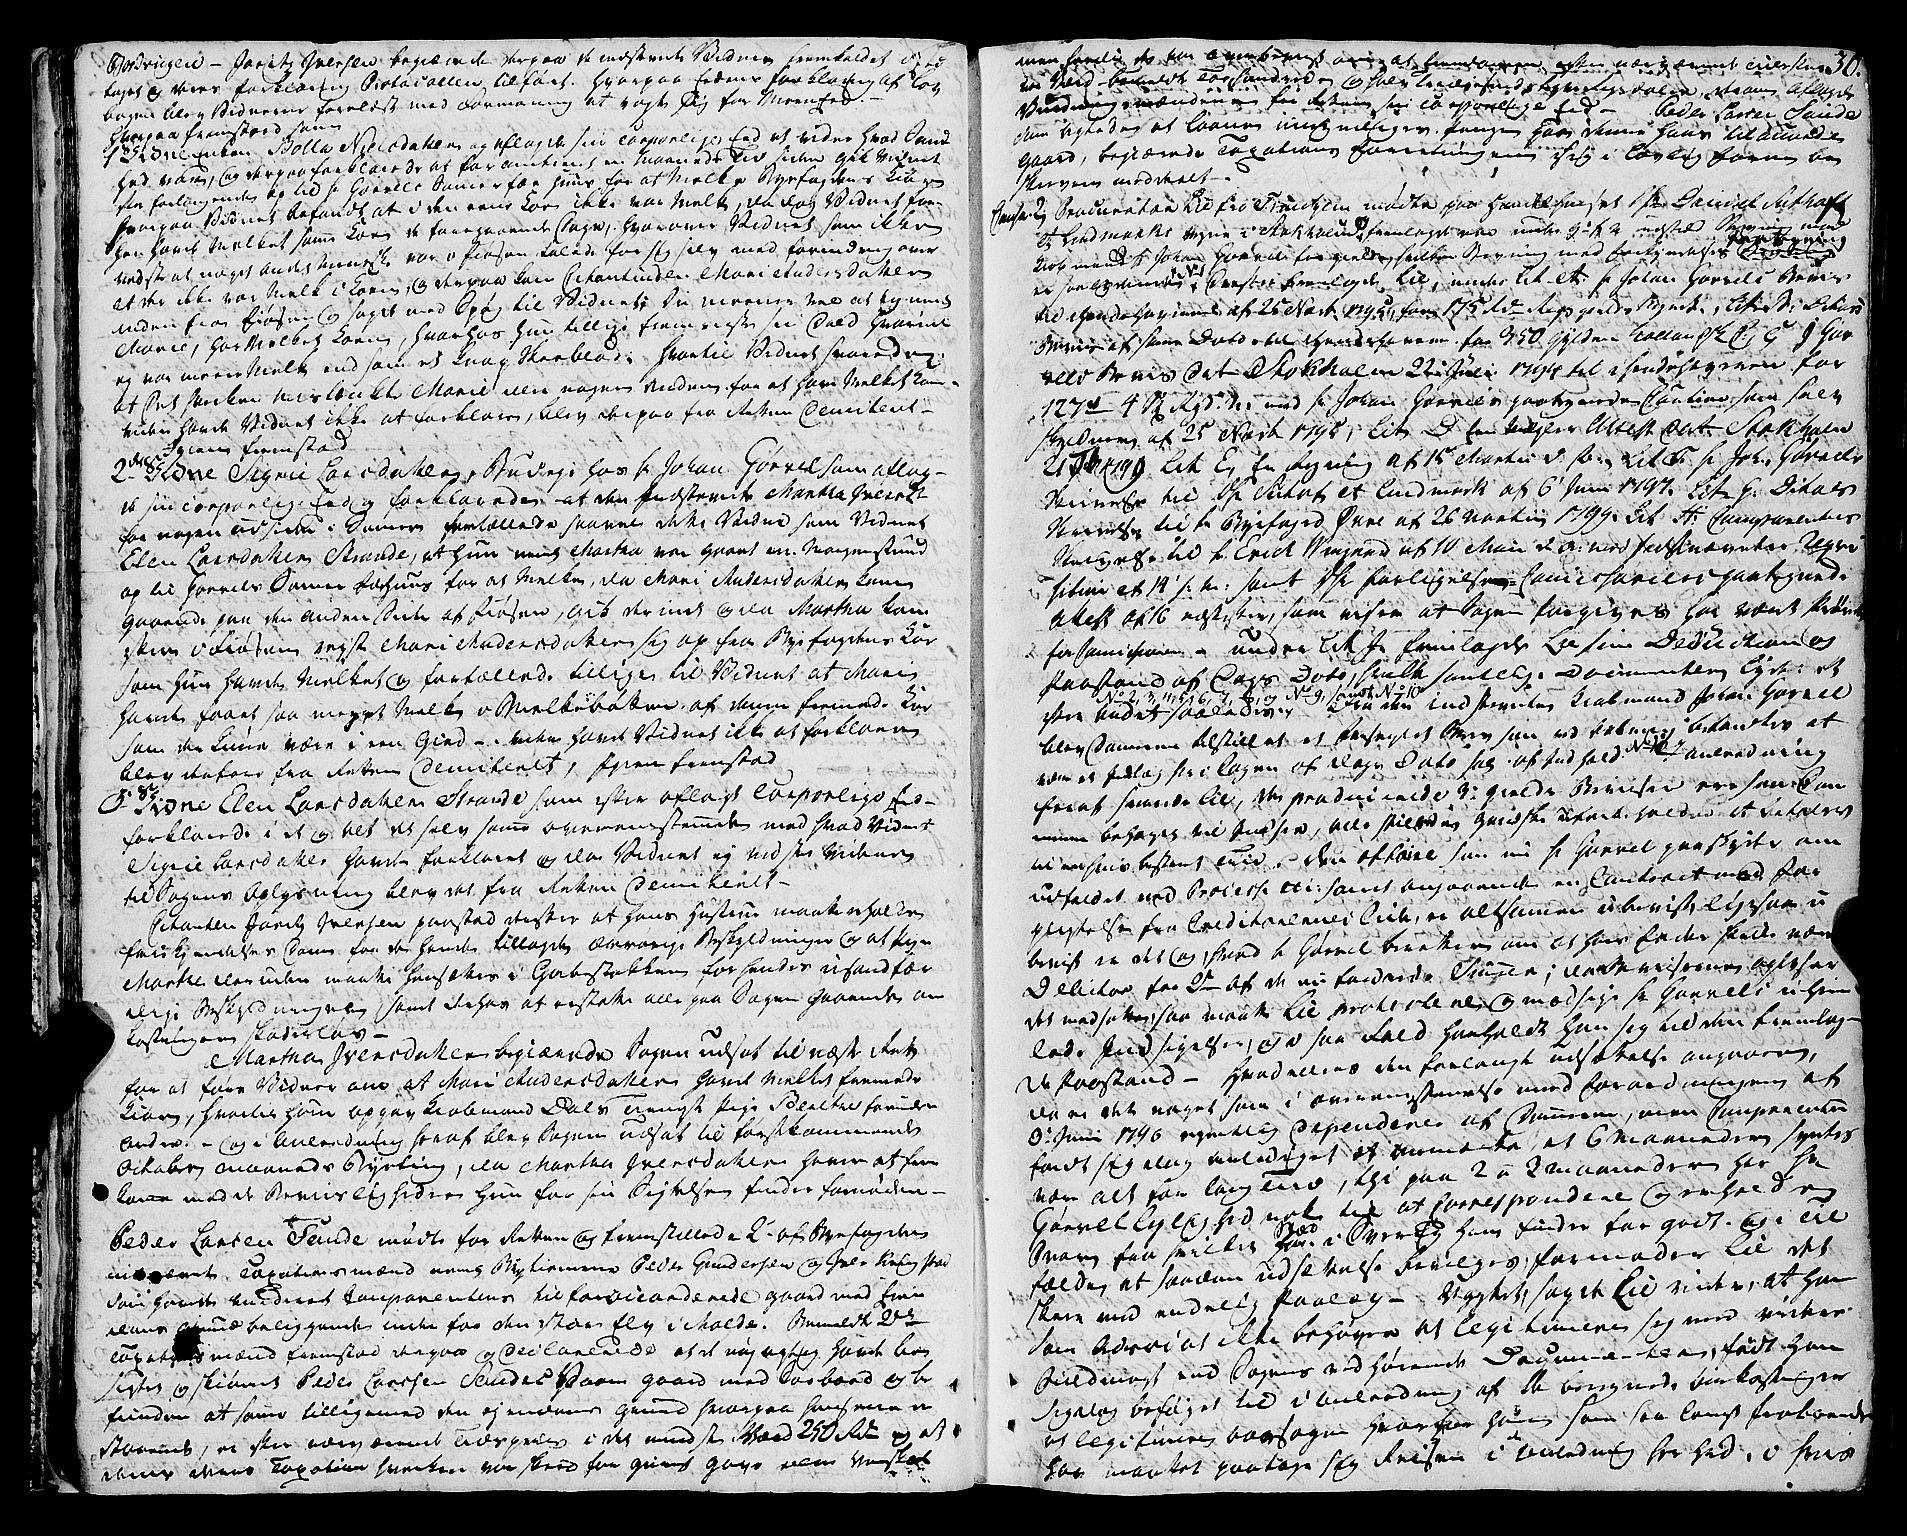 SAT, Molde byfogd, 1/1A/L0002: Justisprotokoll, 1797-1831, s. 29b-30a